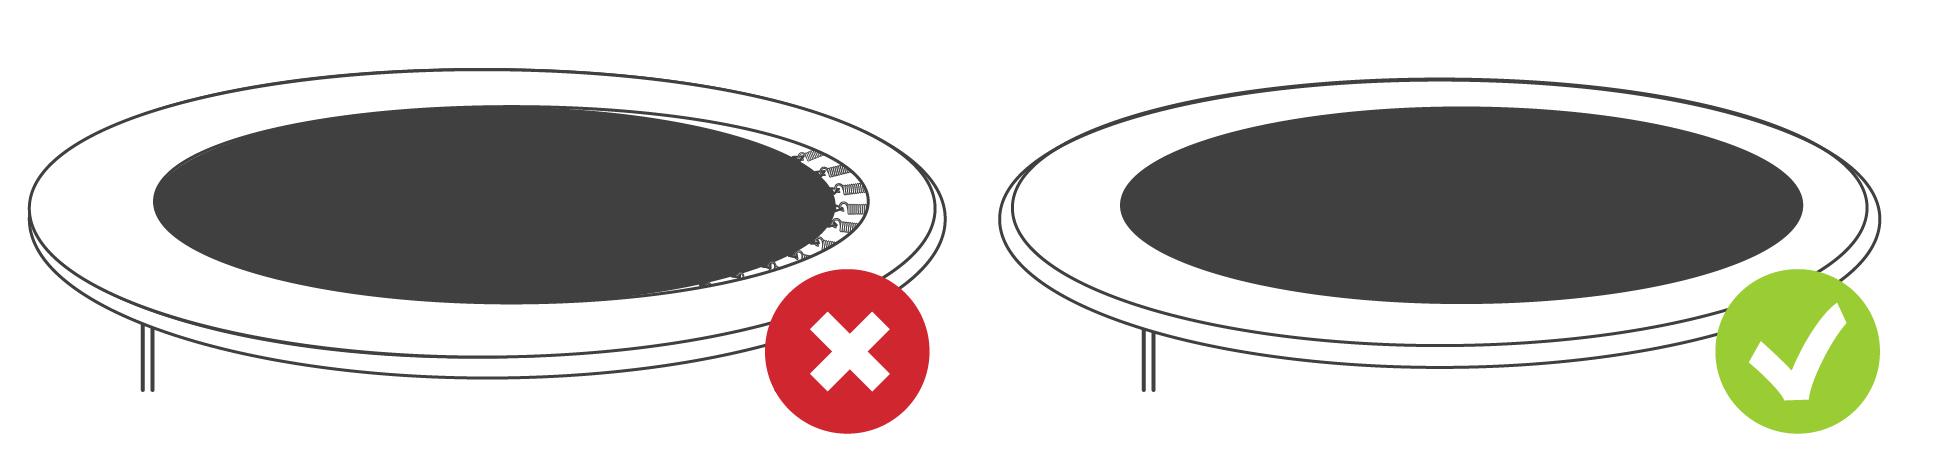 Diagramma mettere in luogo de cuscino di protezione per tappeto elastico